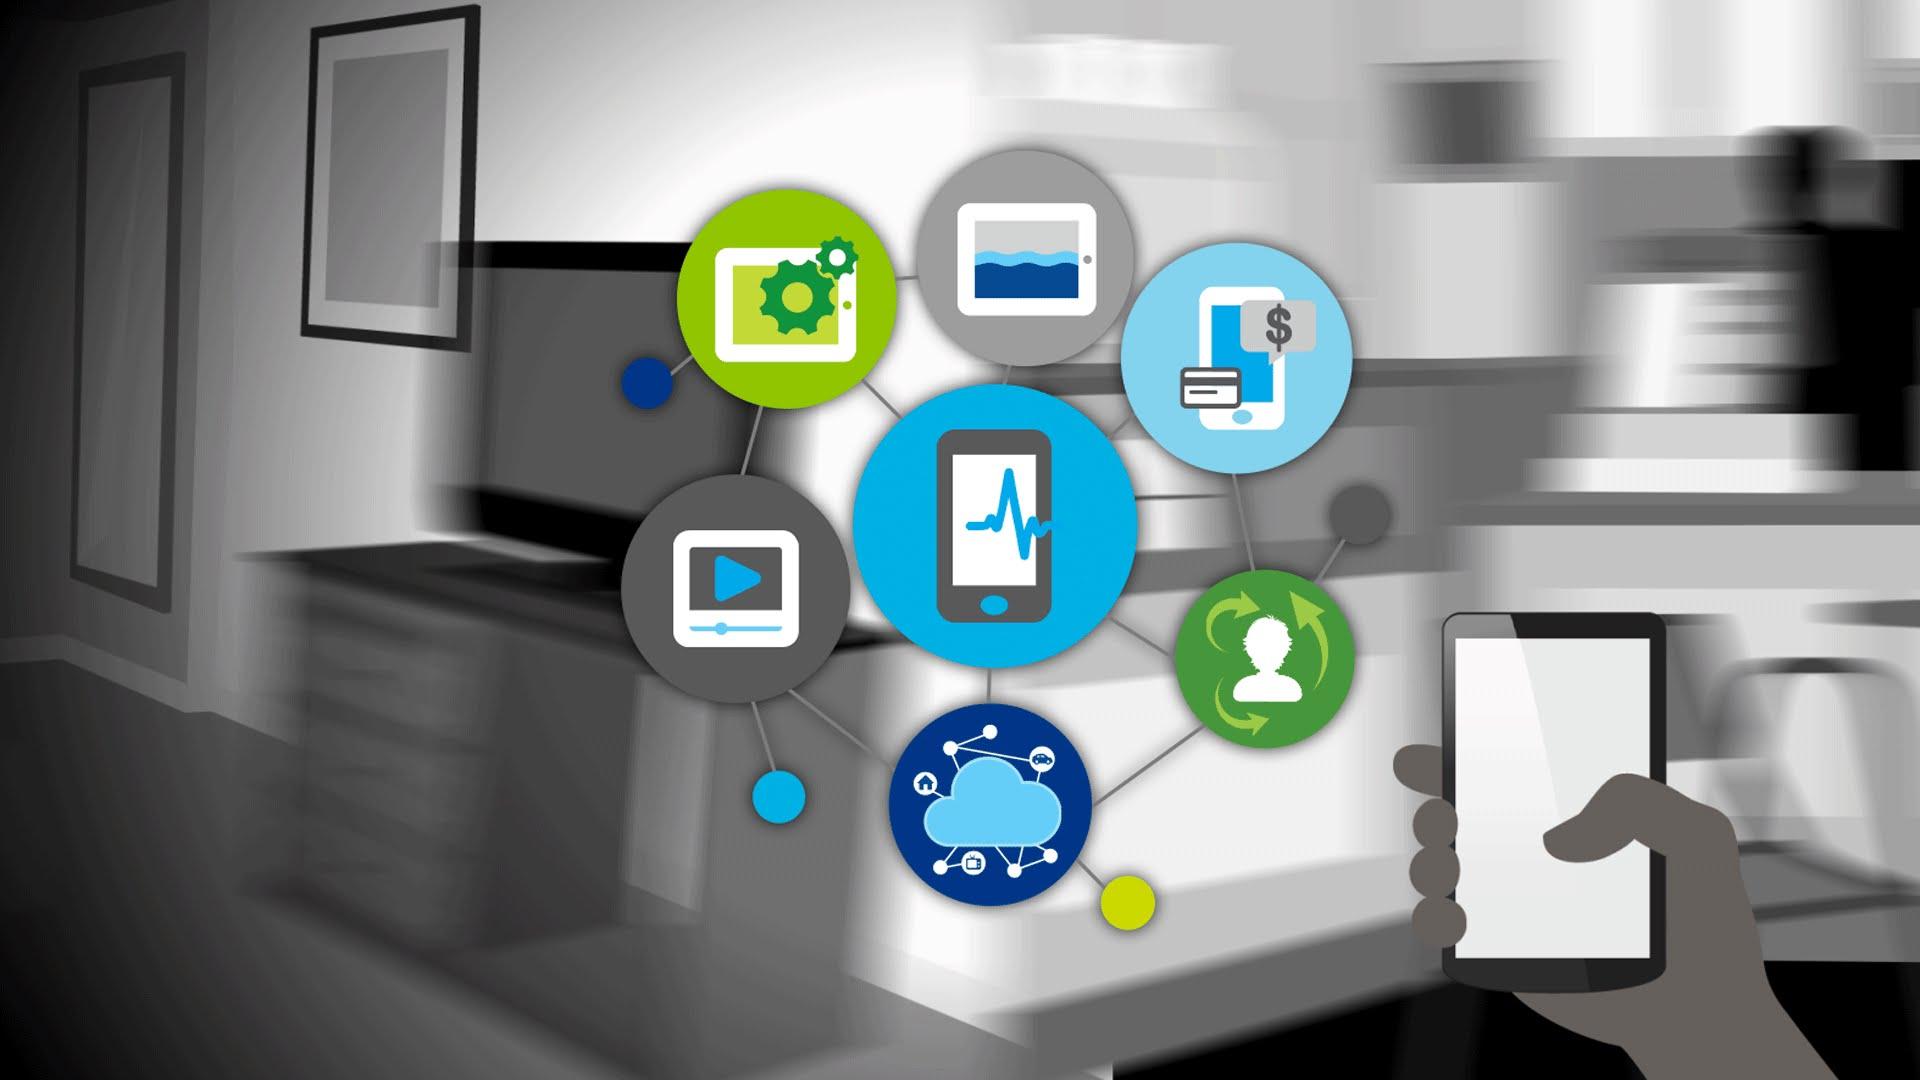 Mobil Odaklı Tüketiciler ile Nasıl İletişim Kurmalısınız?